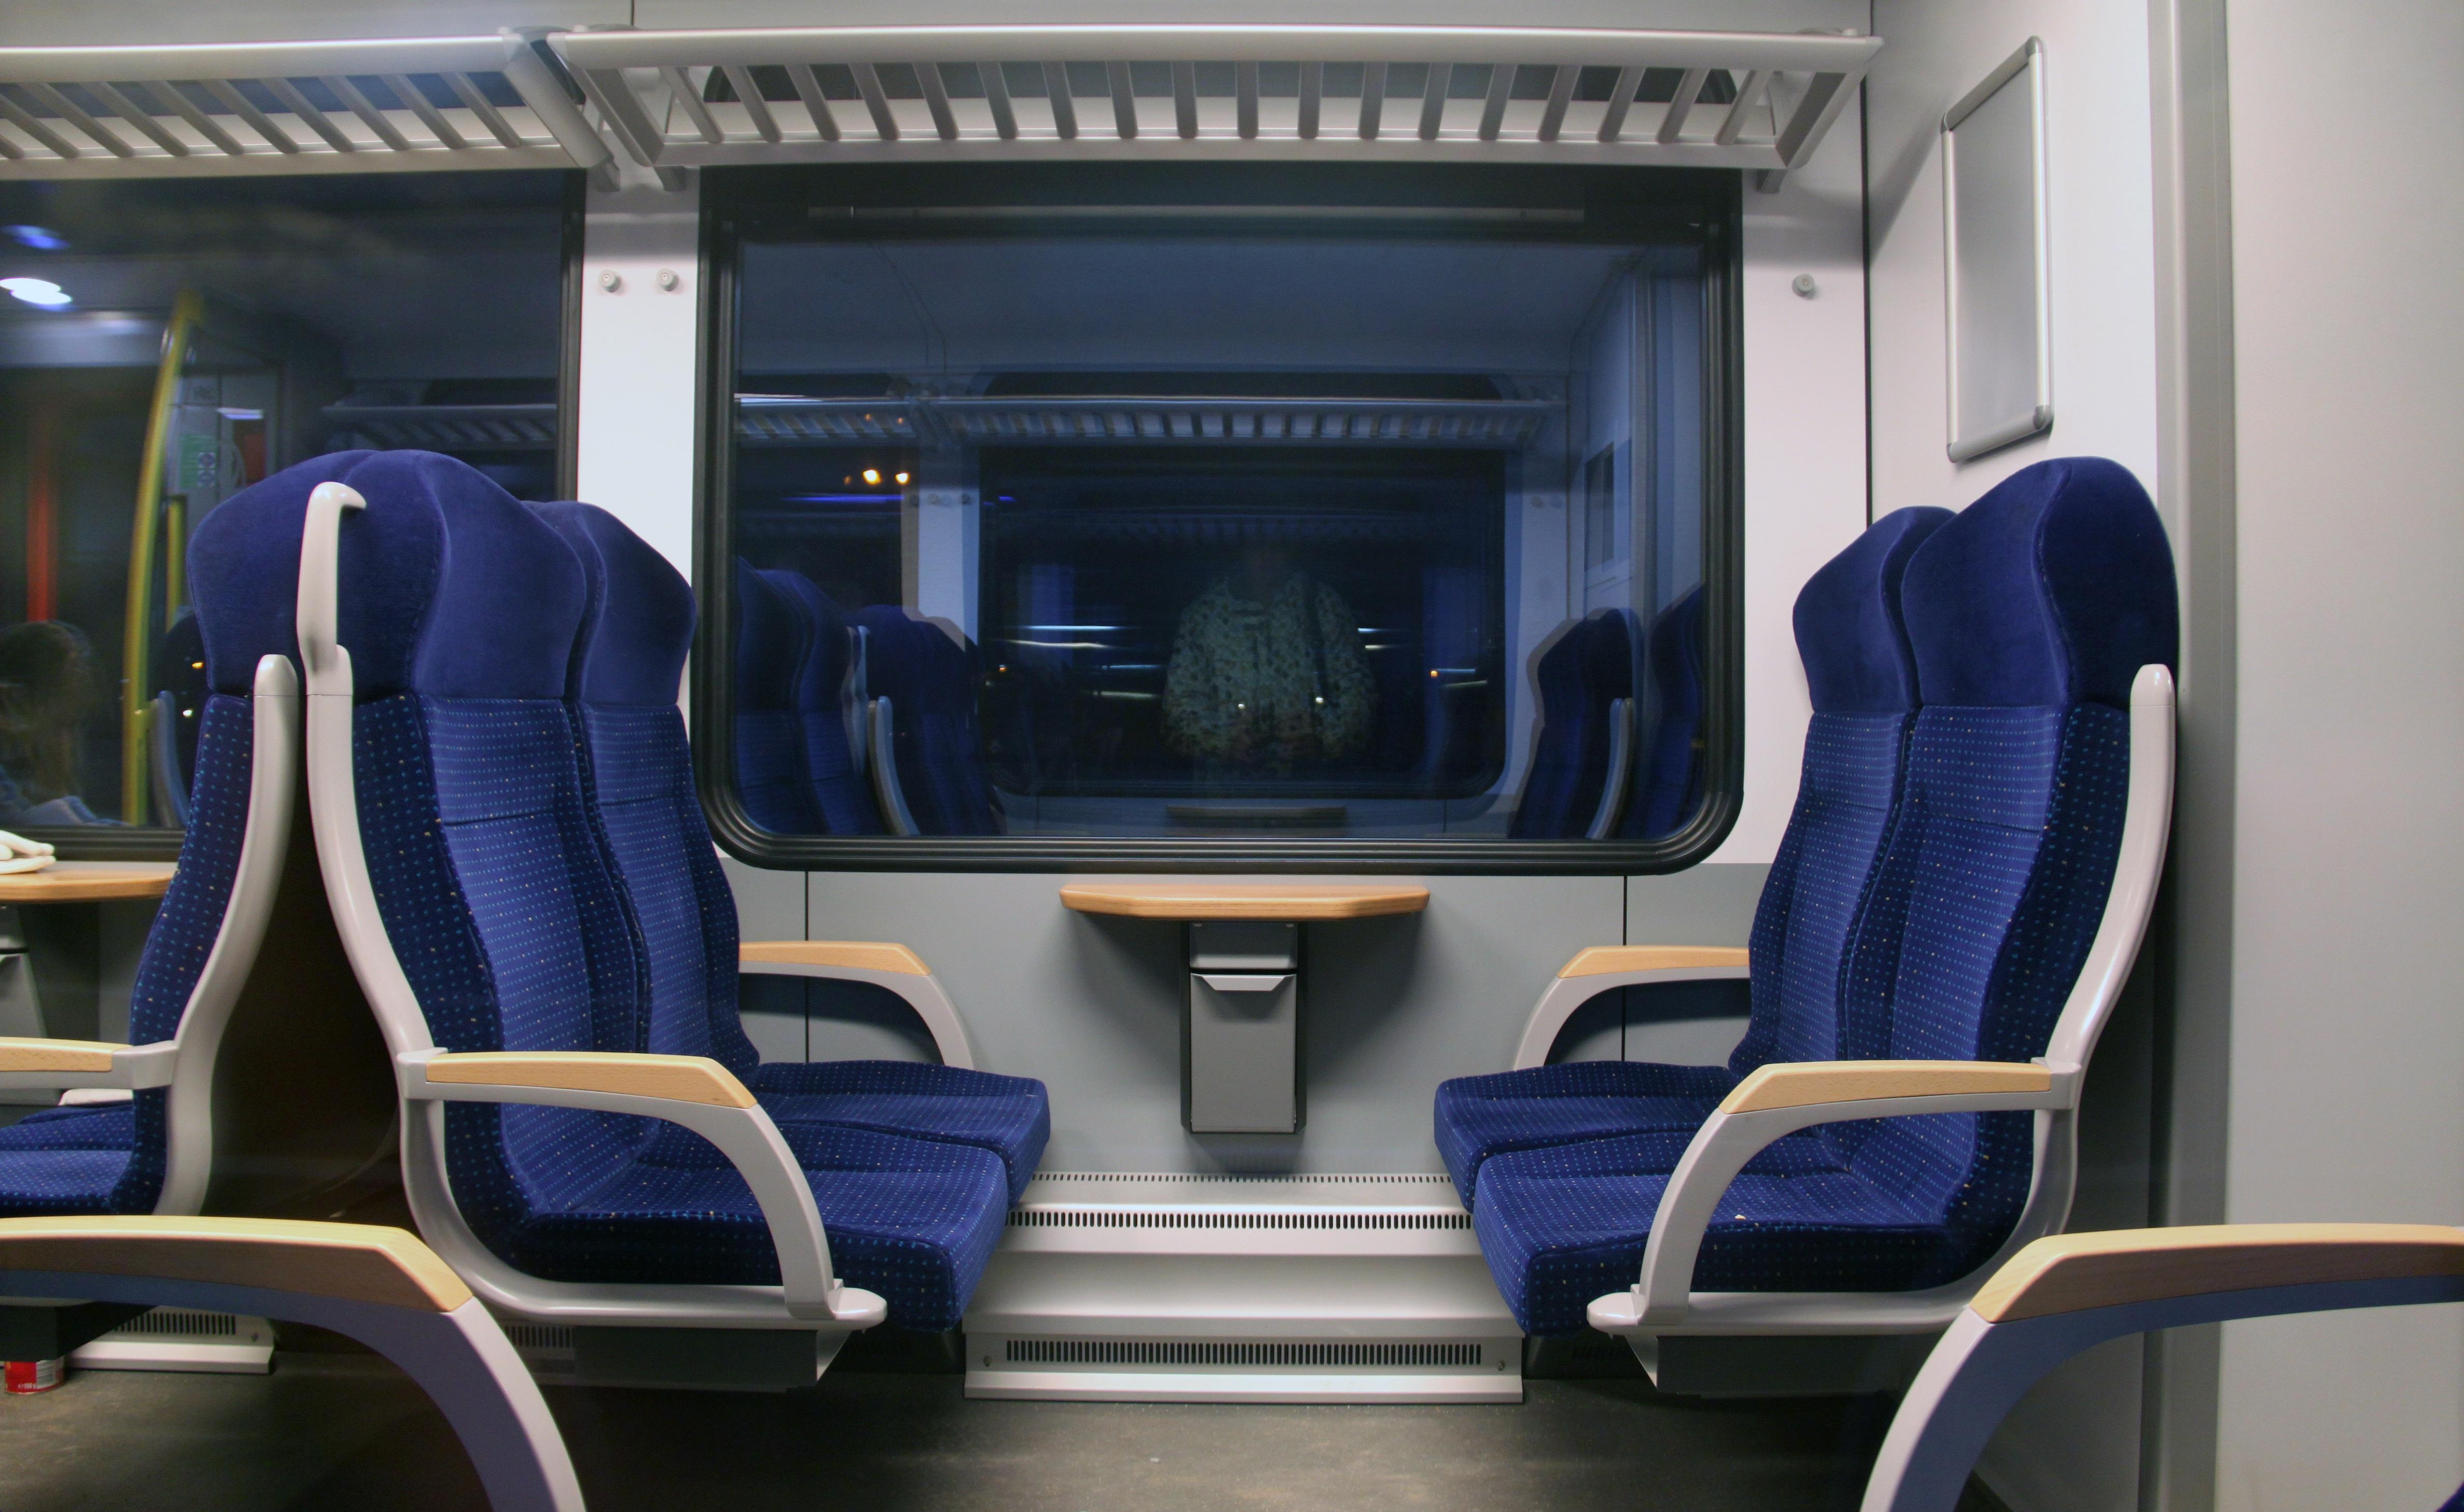 Gratis Afbeeldingen : spoorweg, zitplaats, trein, vervoer-, voertuig ...